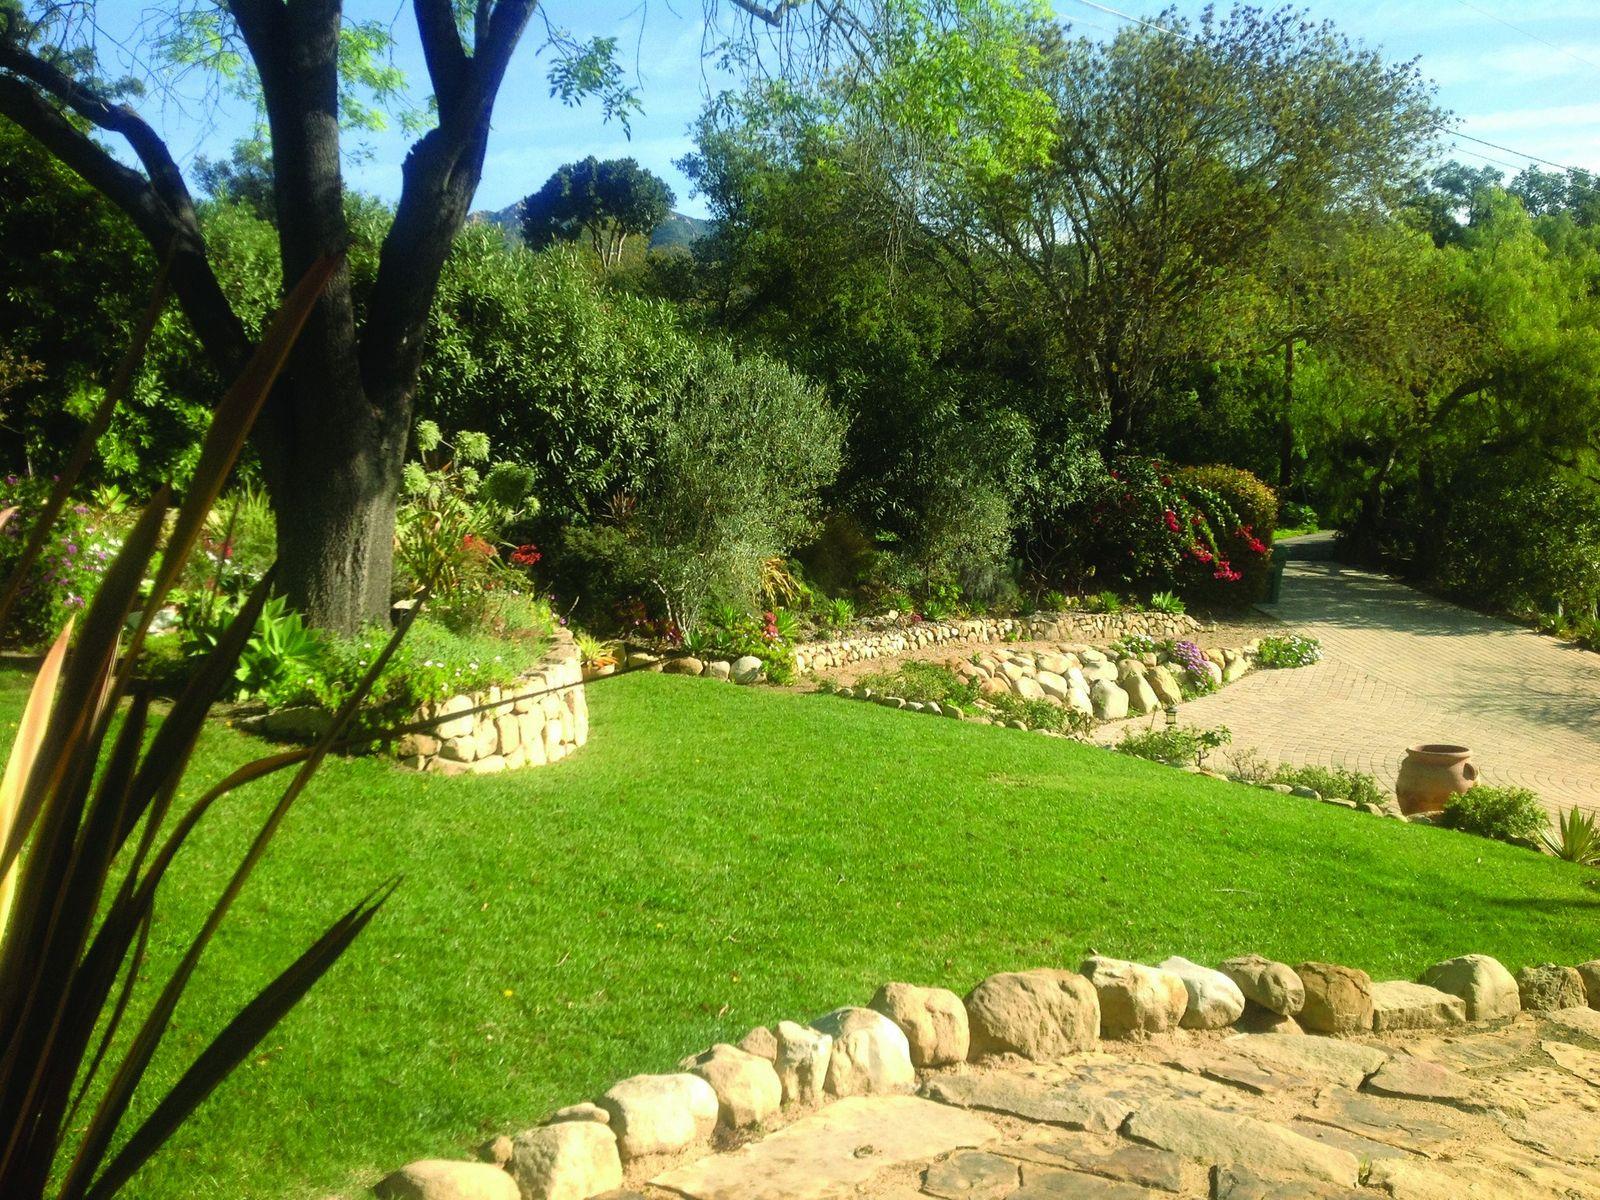 Stone Paths & Lawn